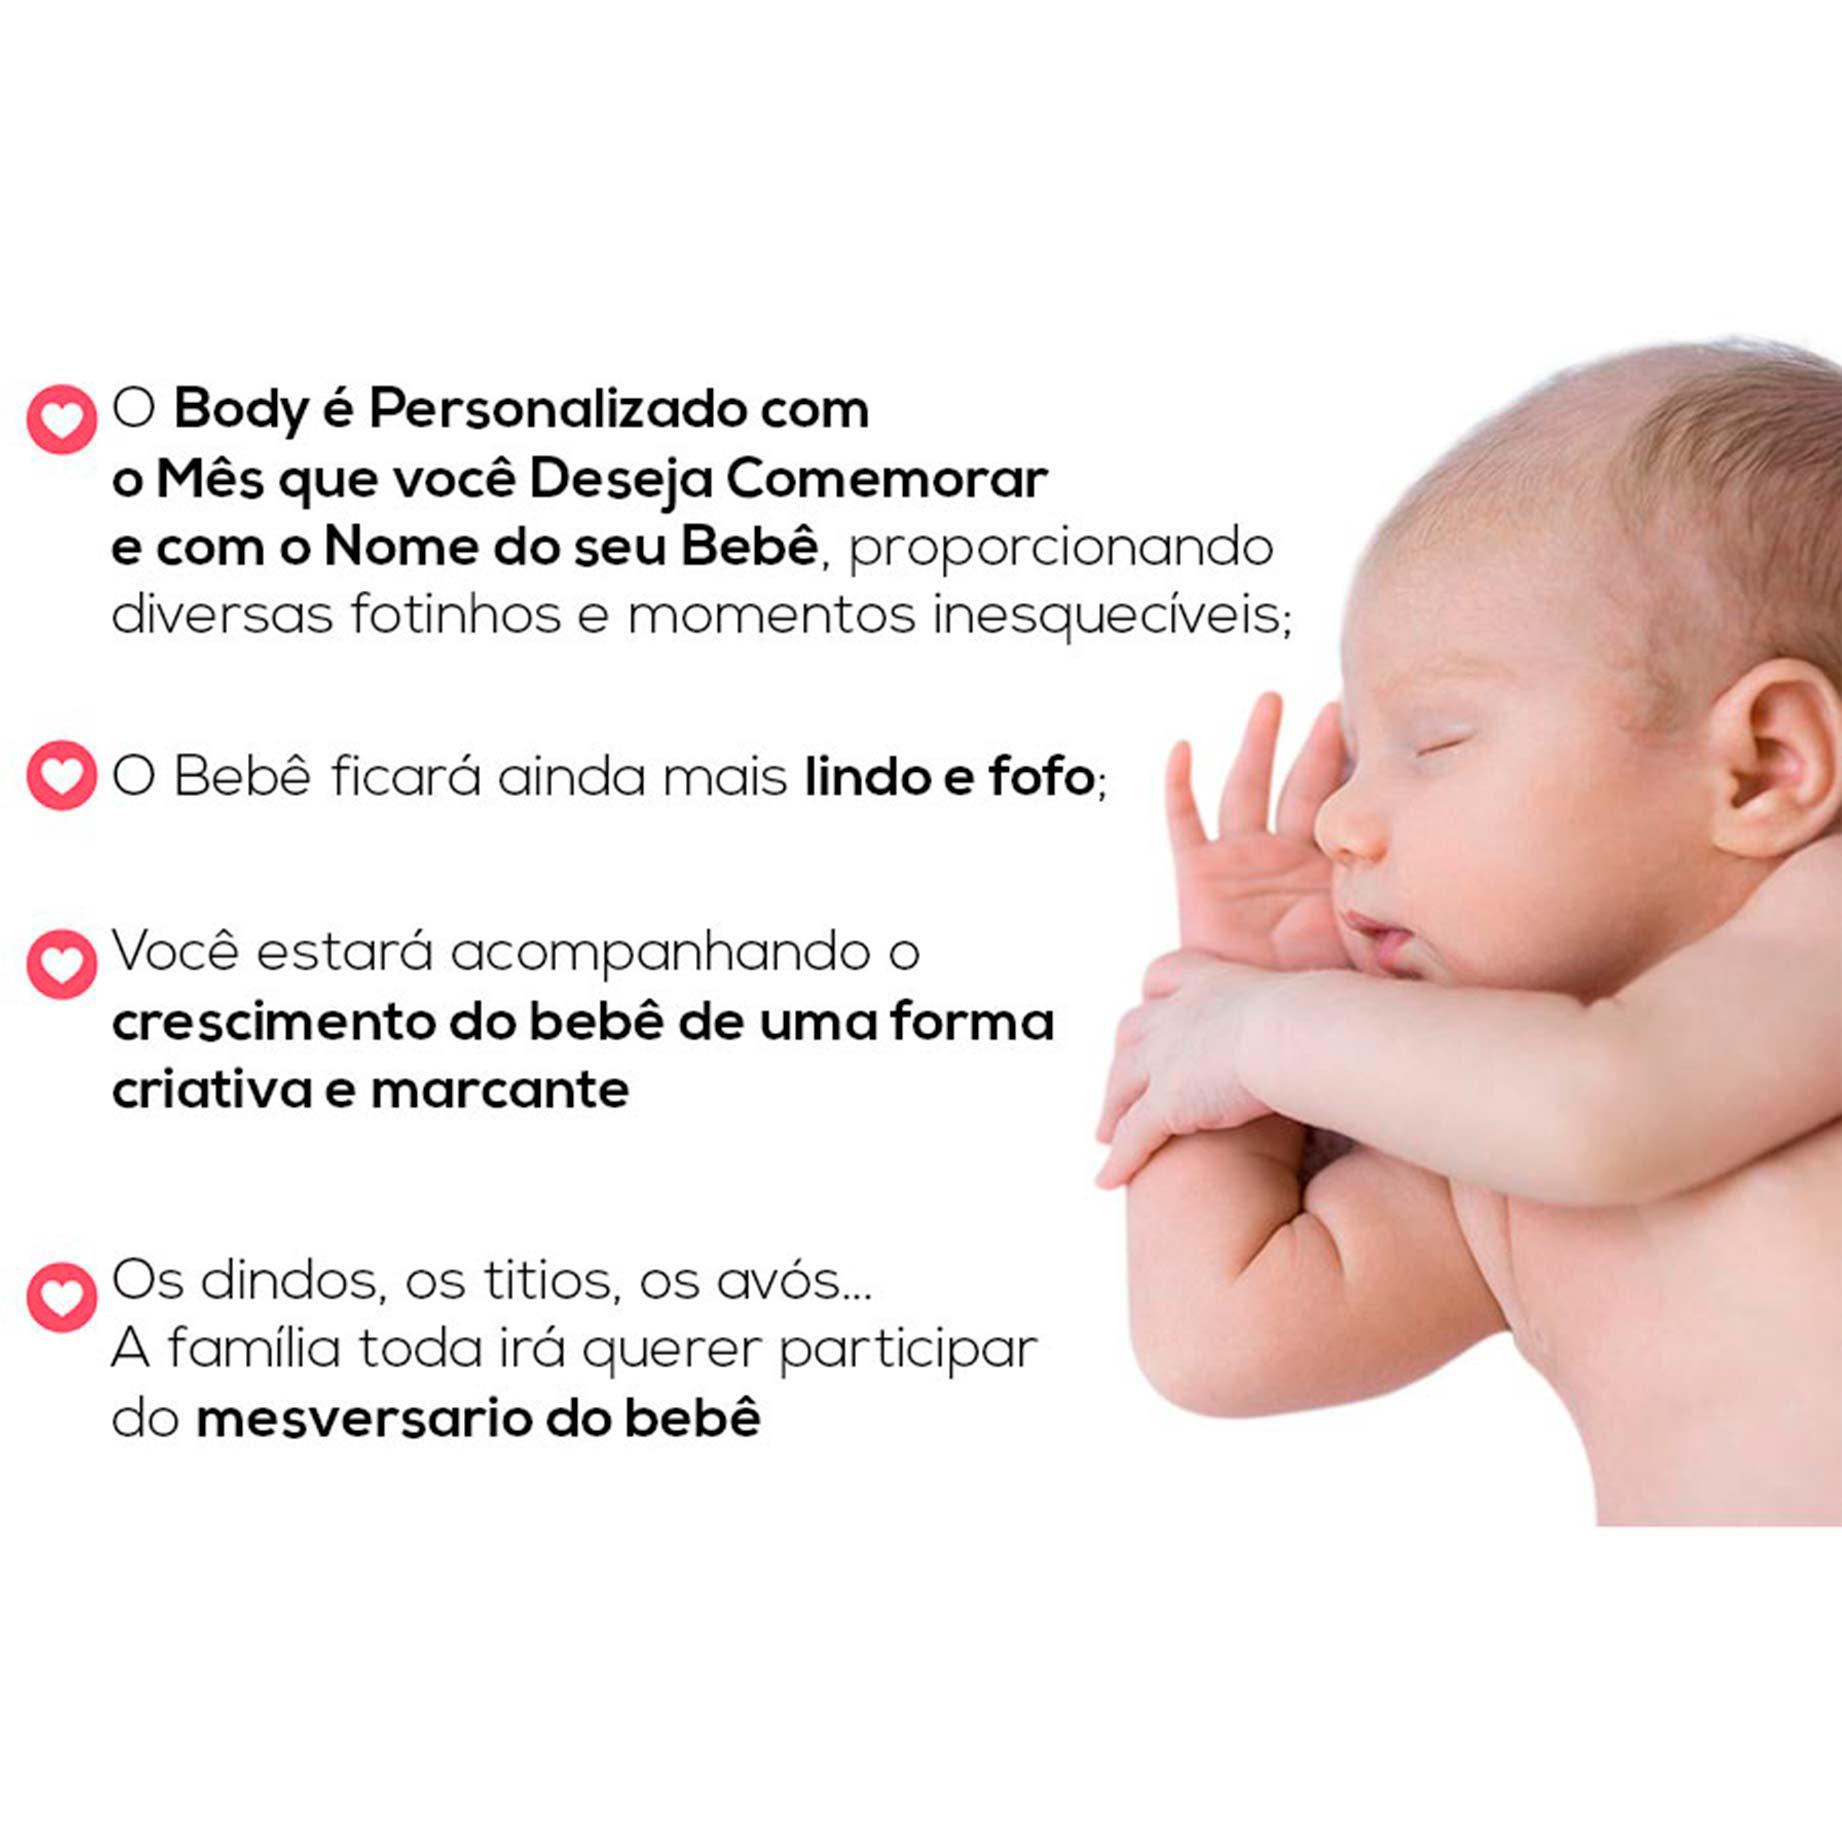 Kit Body Mesversario Princesas Disney Baby Personalizado